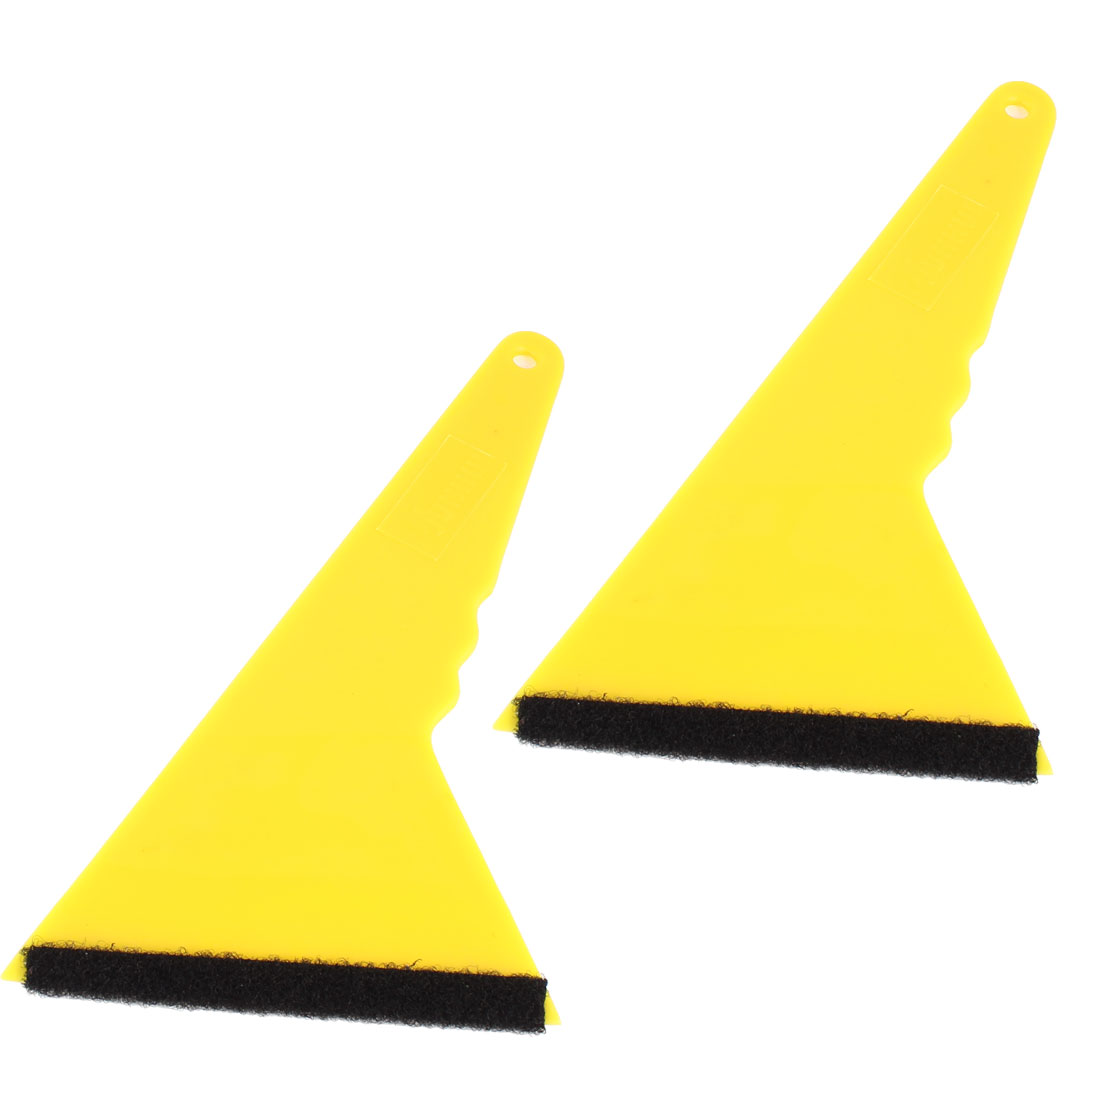 Car Window Sun Visor Film Yellow Plastic Scraper Tool 25cm Long 2 Pcs